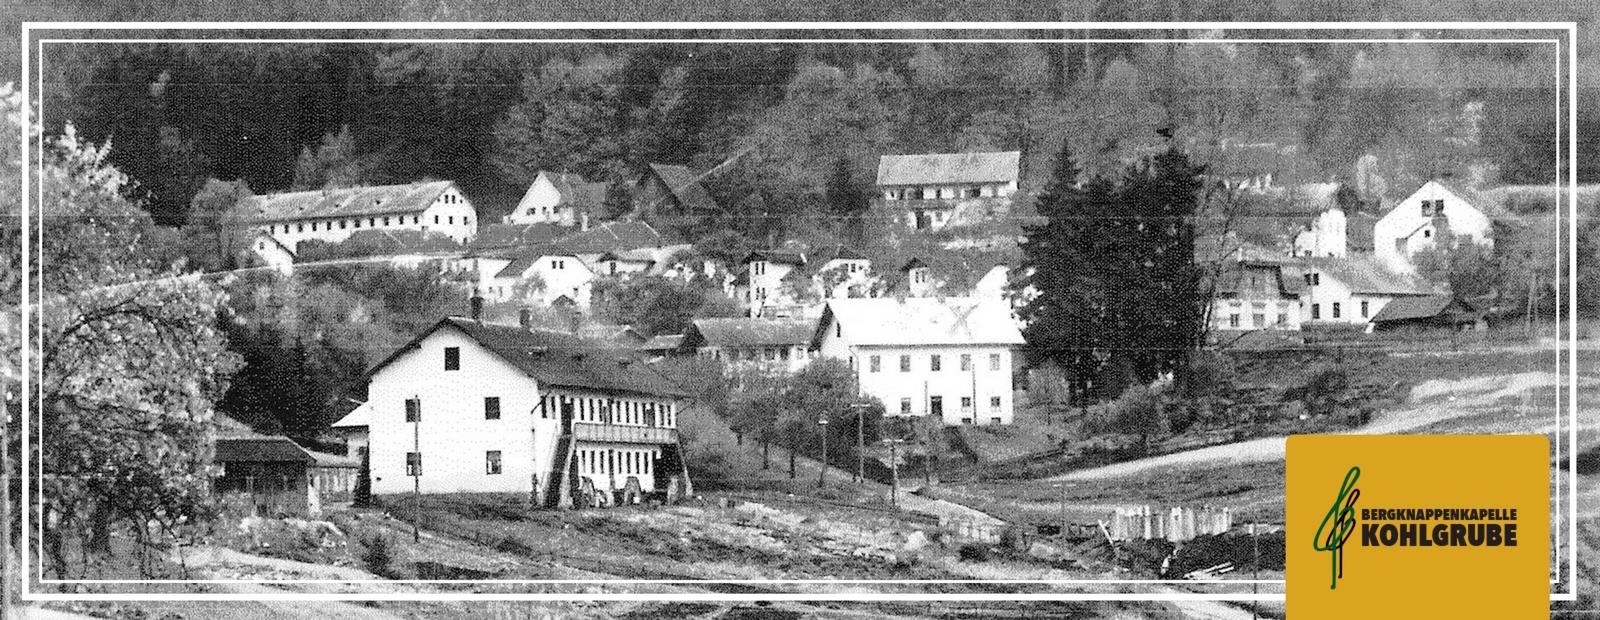 Bild der Ortschaft Kohlgrube